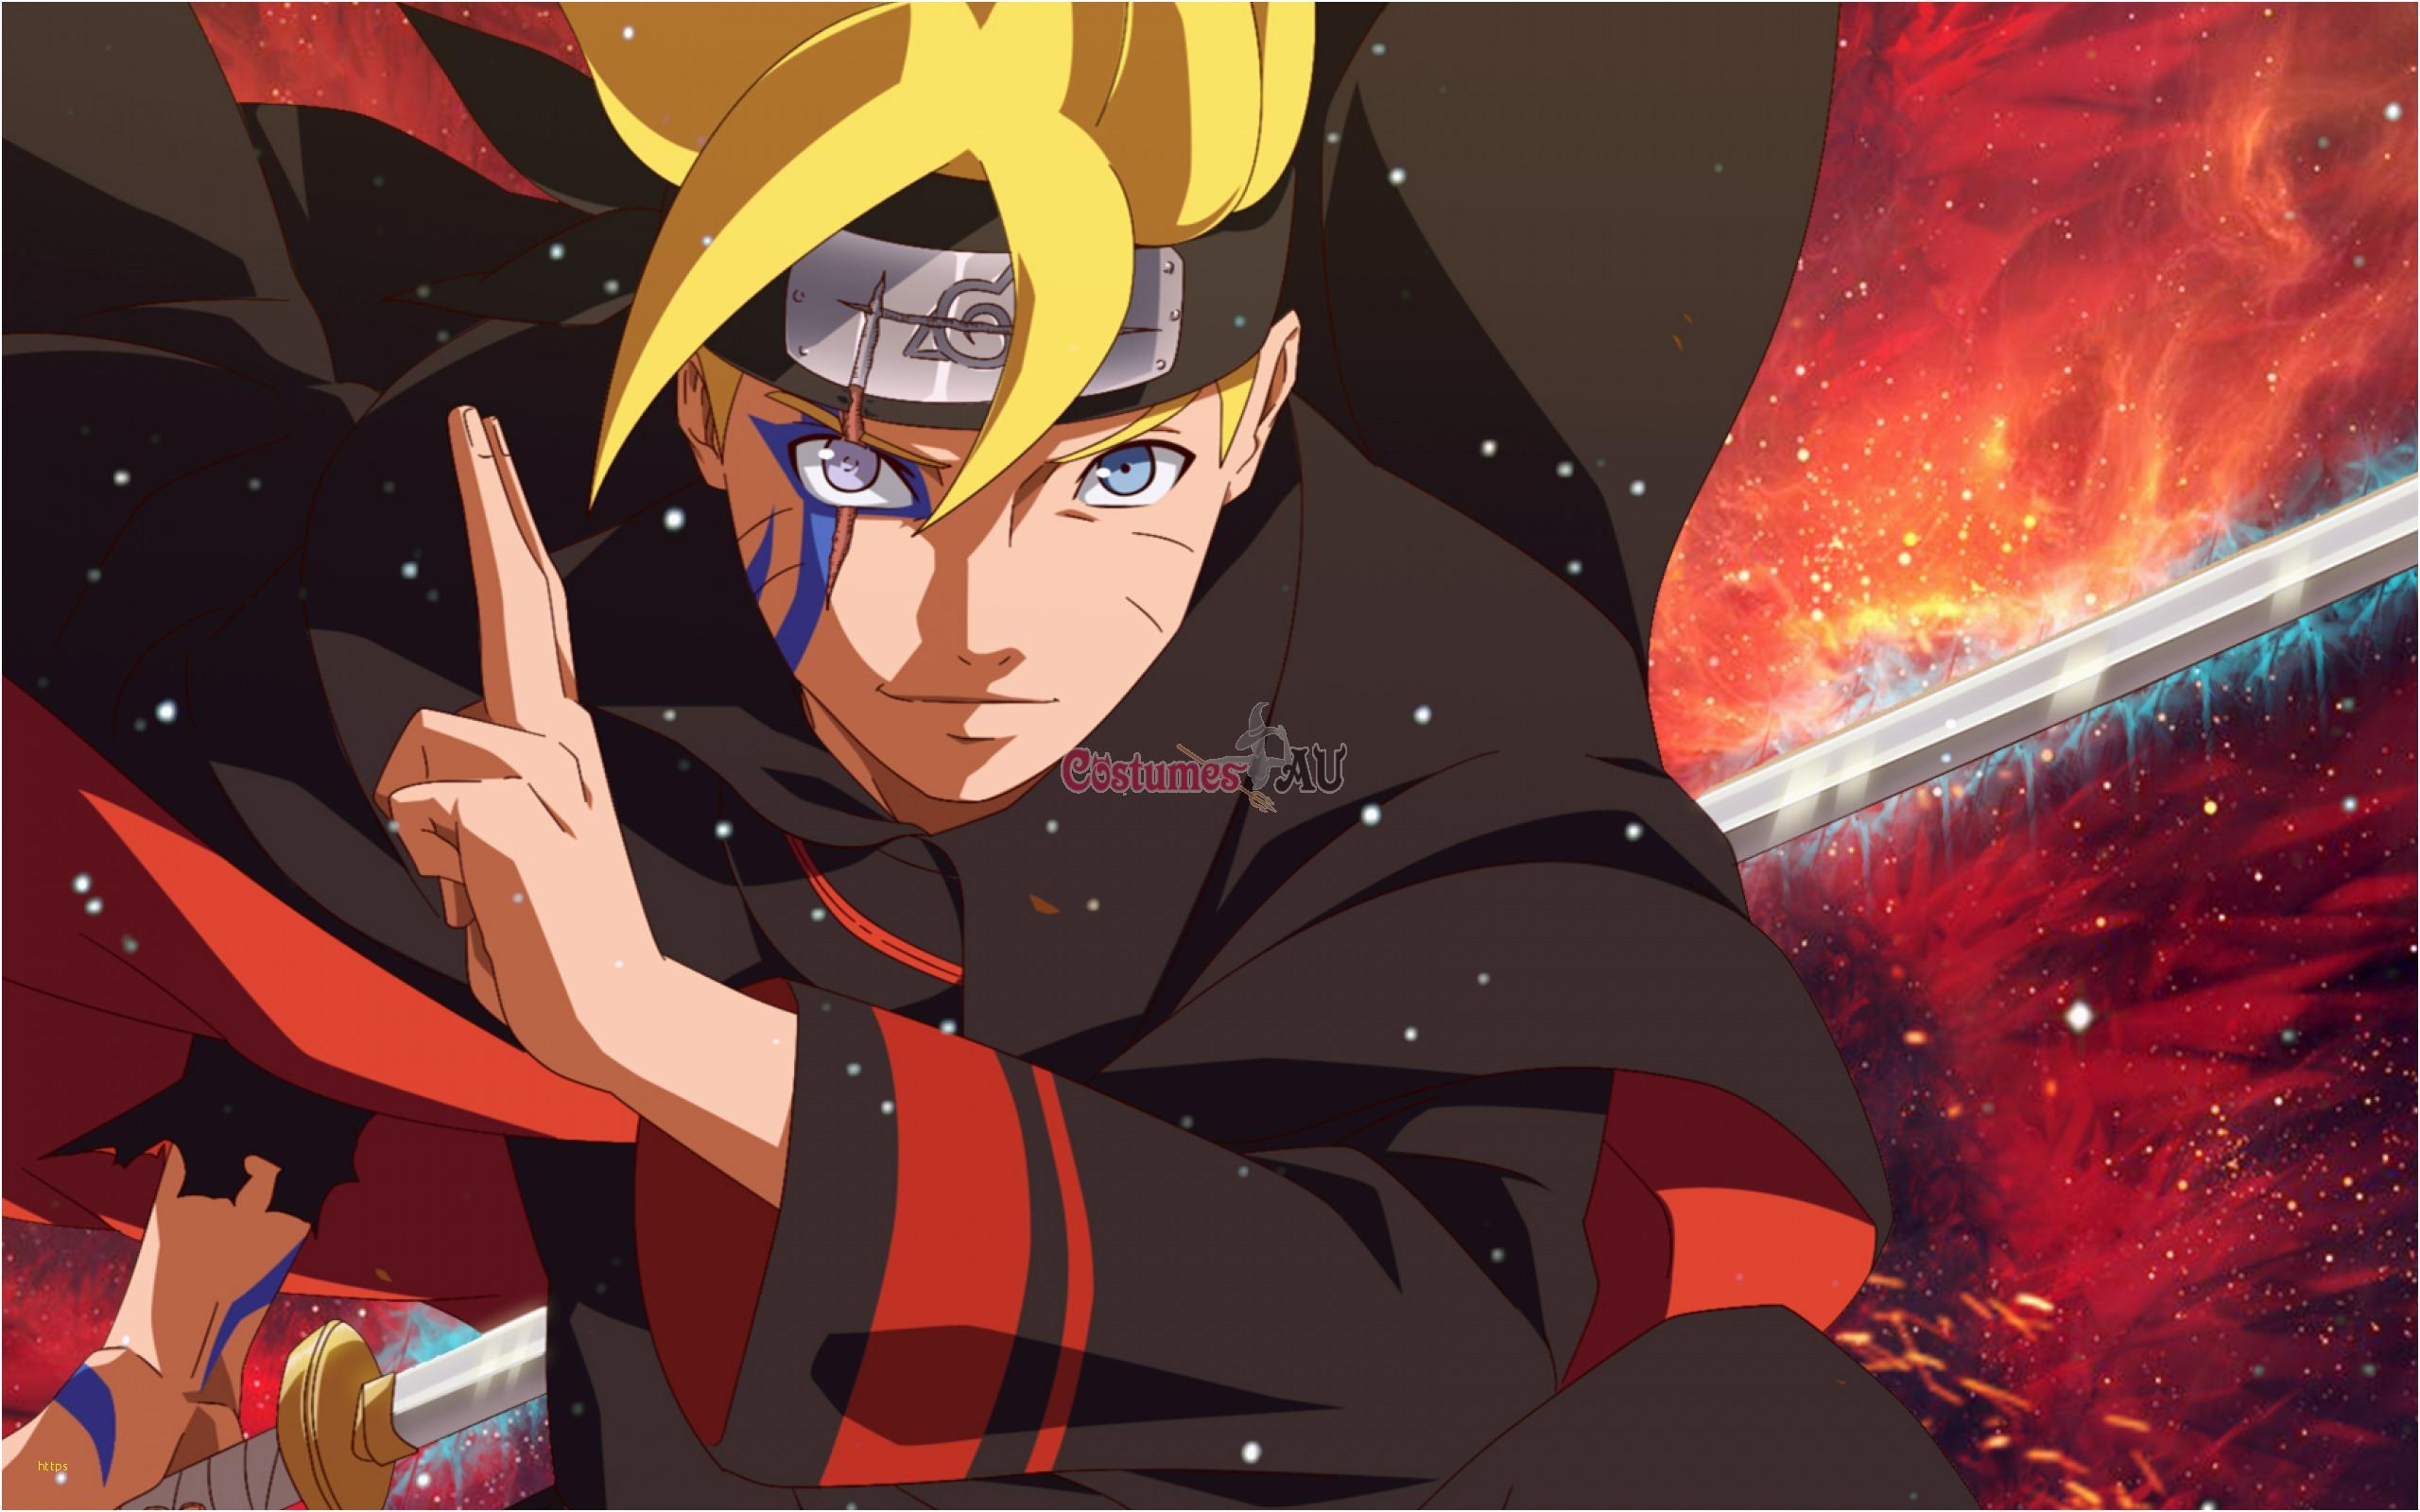 Itachi Uchiha Wallpaper Fresh Anime Naruto Akatsuki Boruto